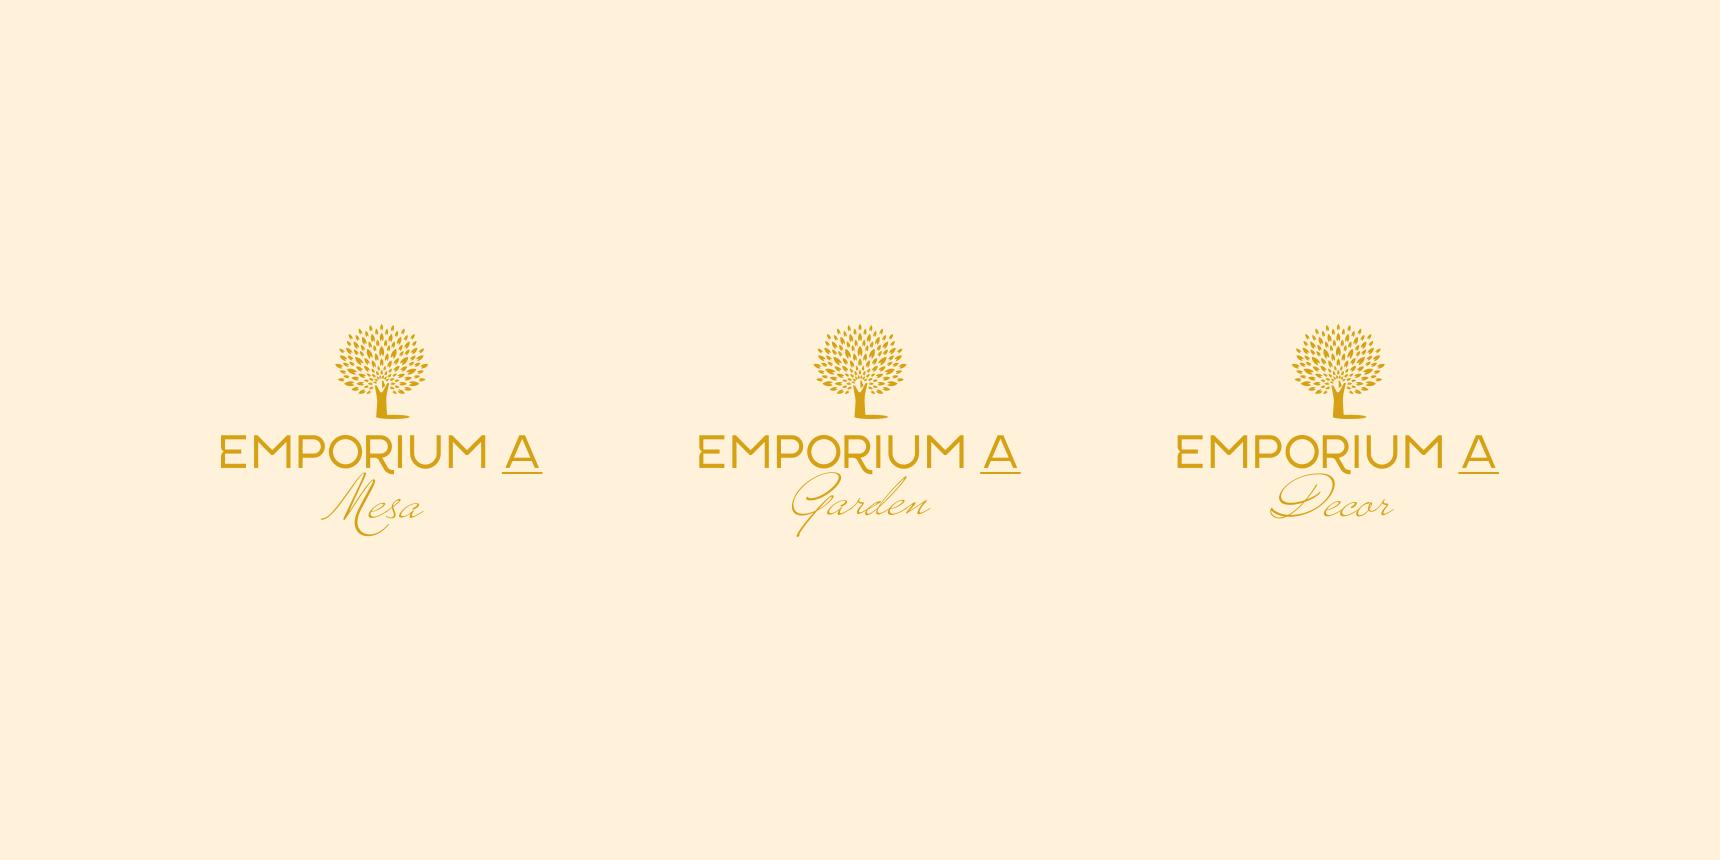 firmorama_emporium-a_05